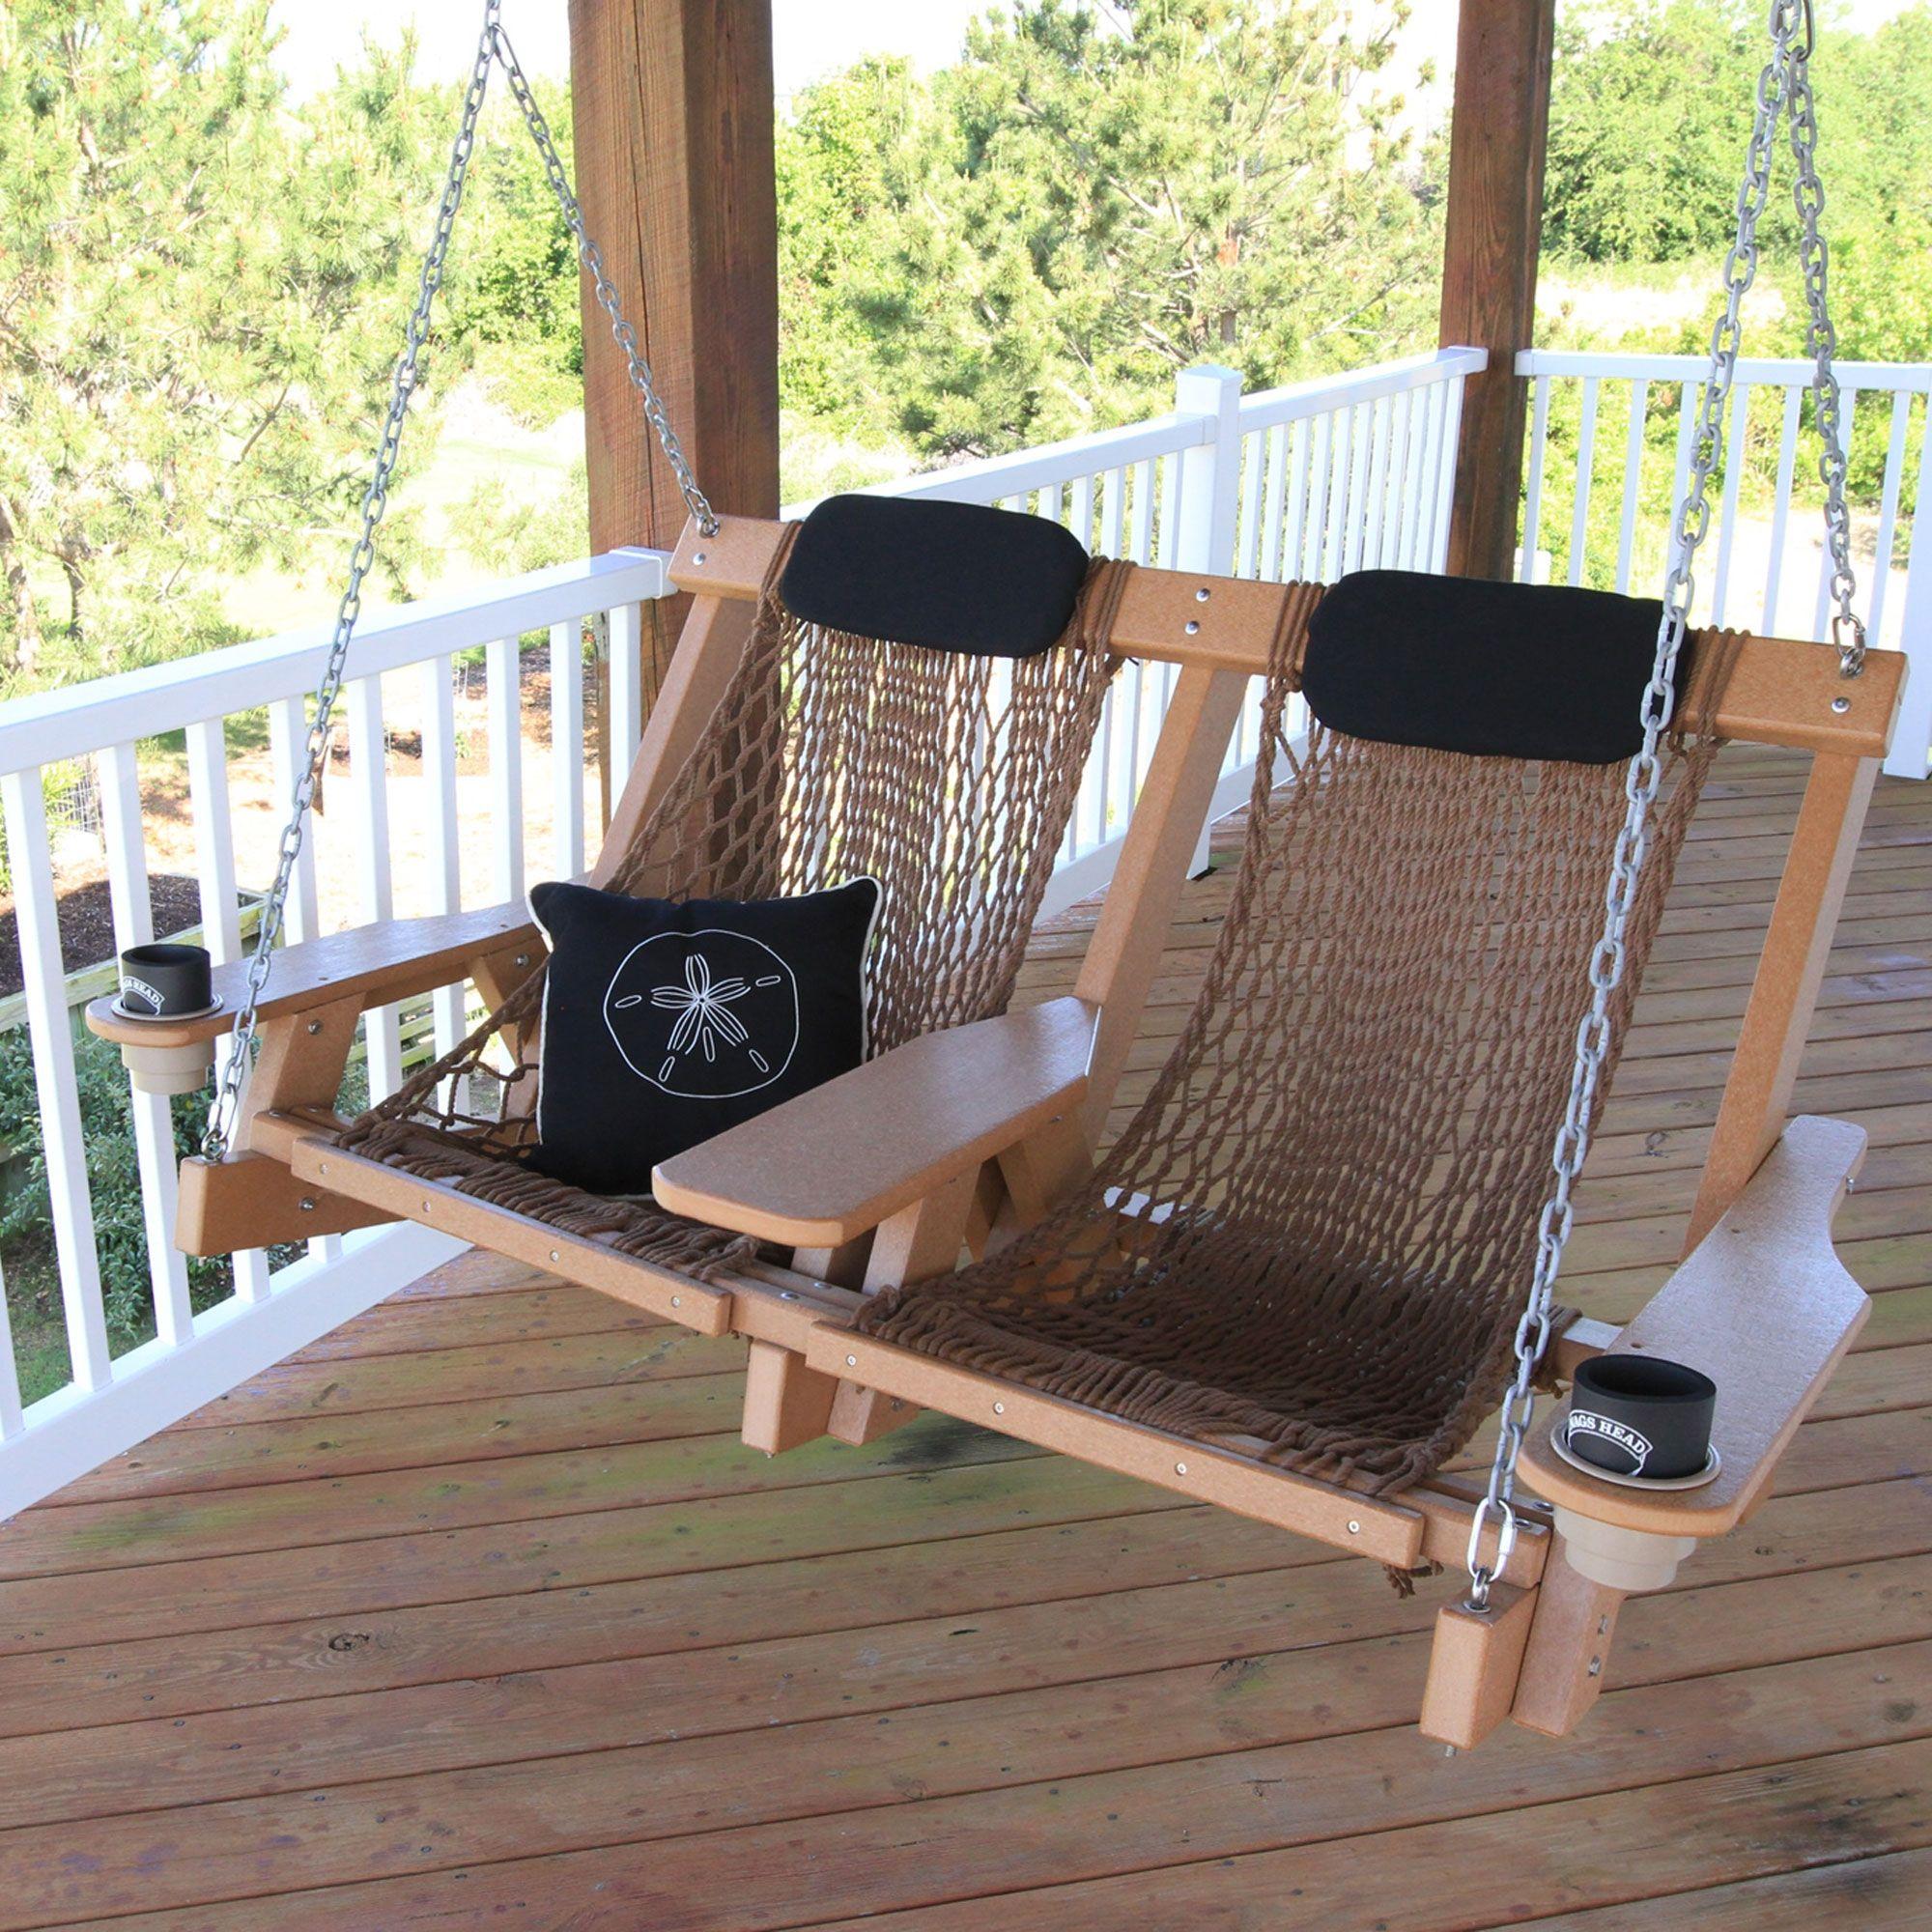 Cedar Durawood Deluxe Double Rope Swing Nags Head Hammocks Sku Nhdwddsc Swings Garden Swing Seat Porch Furniture Swing Chair Garden